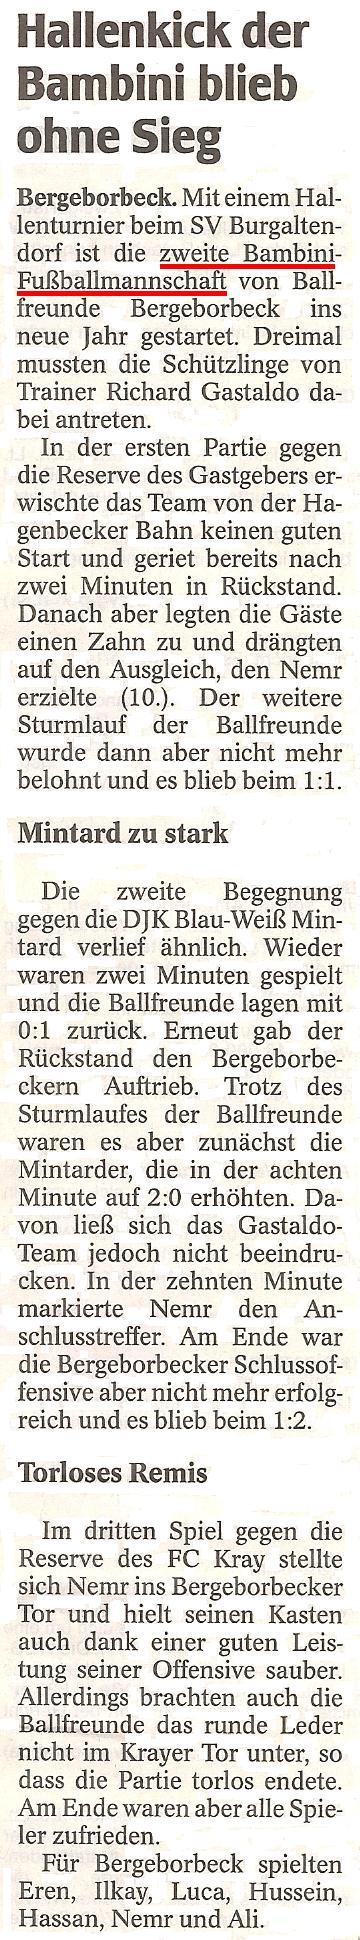 Ausführlicher Bericht der WAZ vom 18.01.2012 über das Turnier der Bambini 2 von Ballfreunde Bergeborbeck in Burgaltendorf